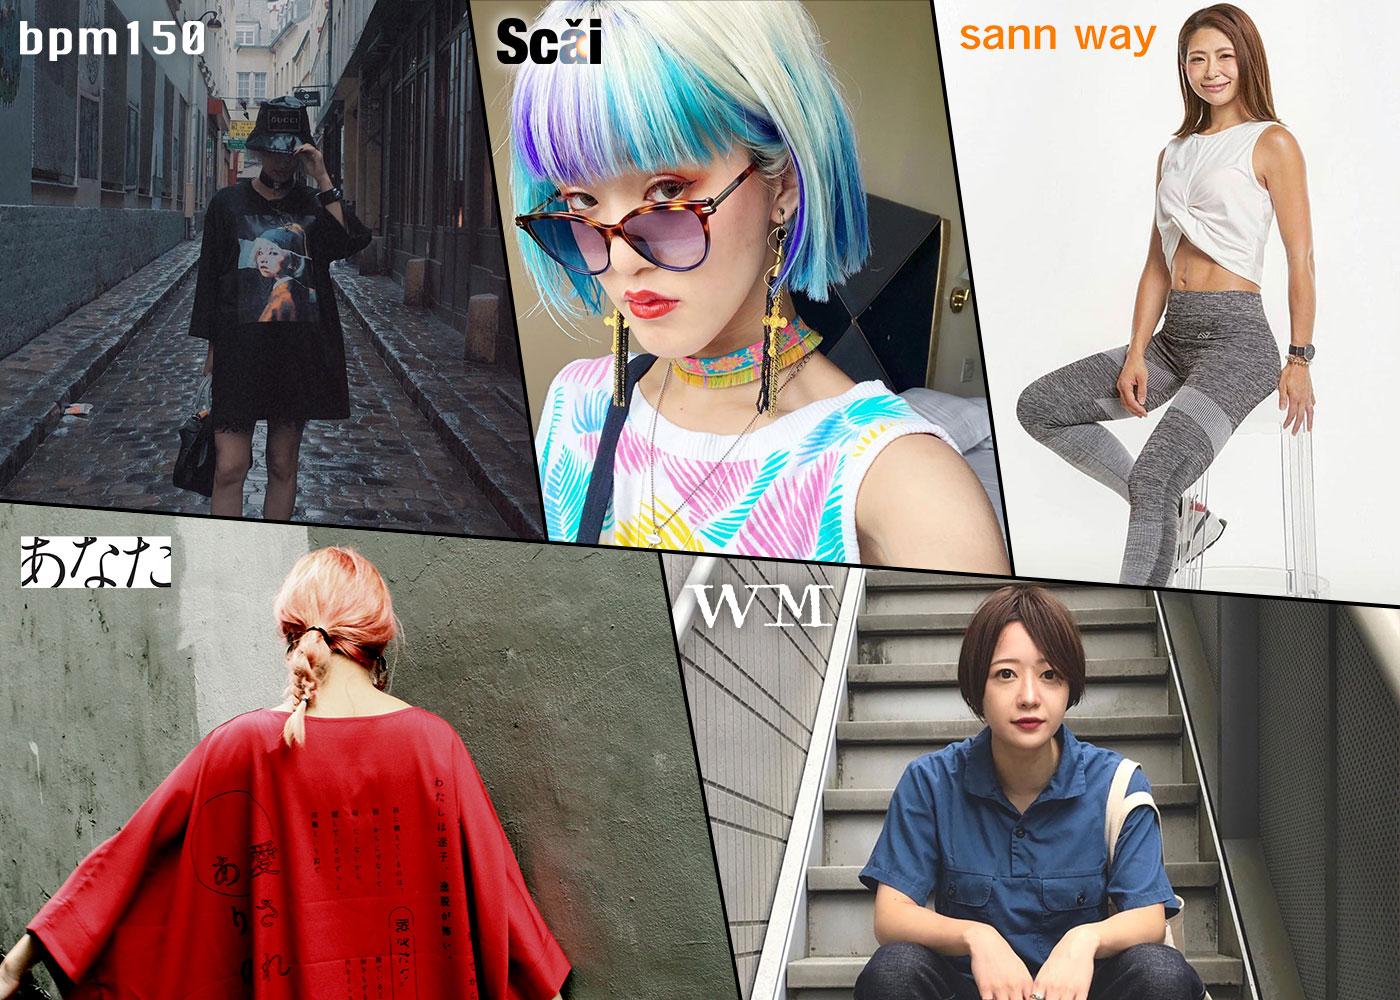 ファッションD2Cプラットフォーム「picki」、人気インフルエンサーによる5つのファッションブランドをリリース